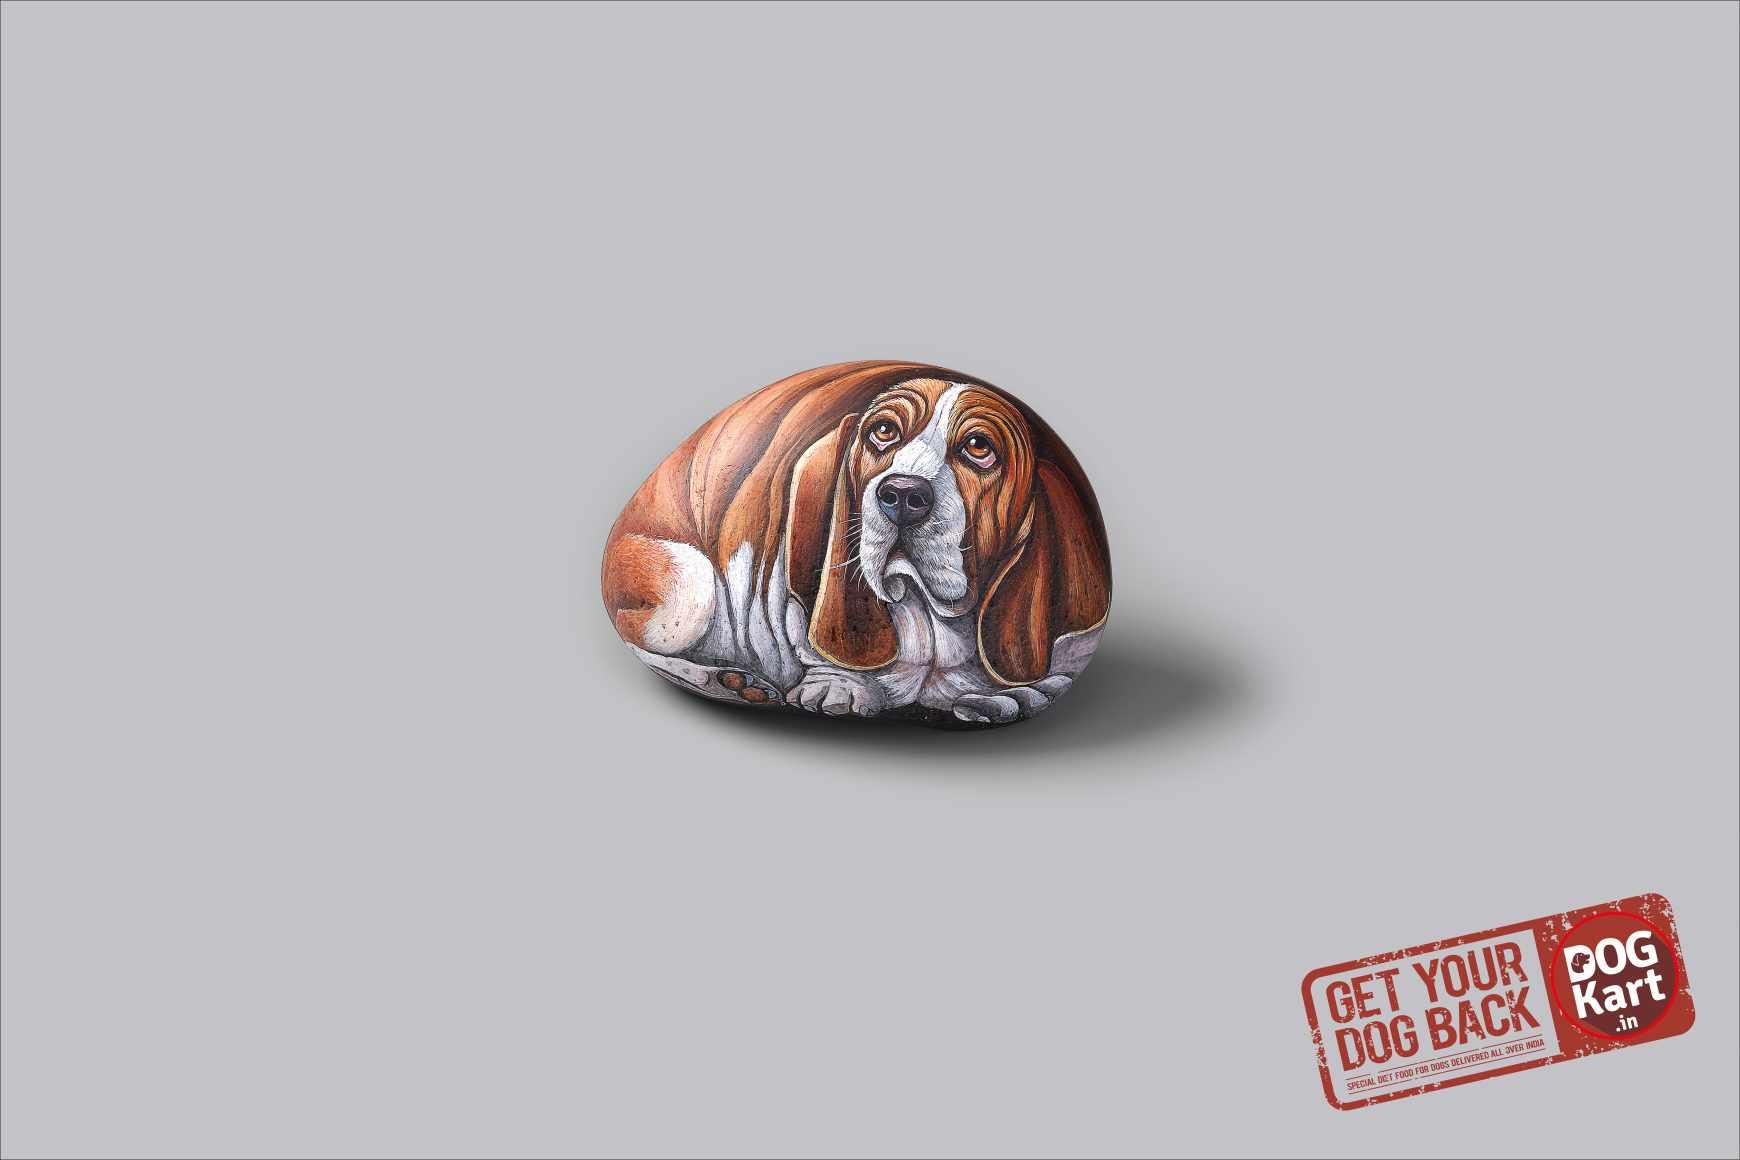 Dogkart Print Ad - Rock Heavy - Basset Hound